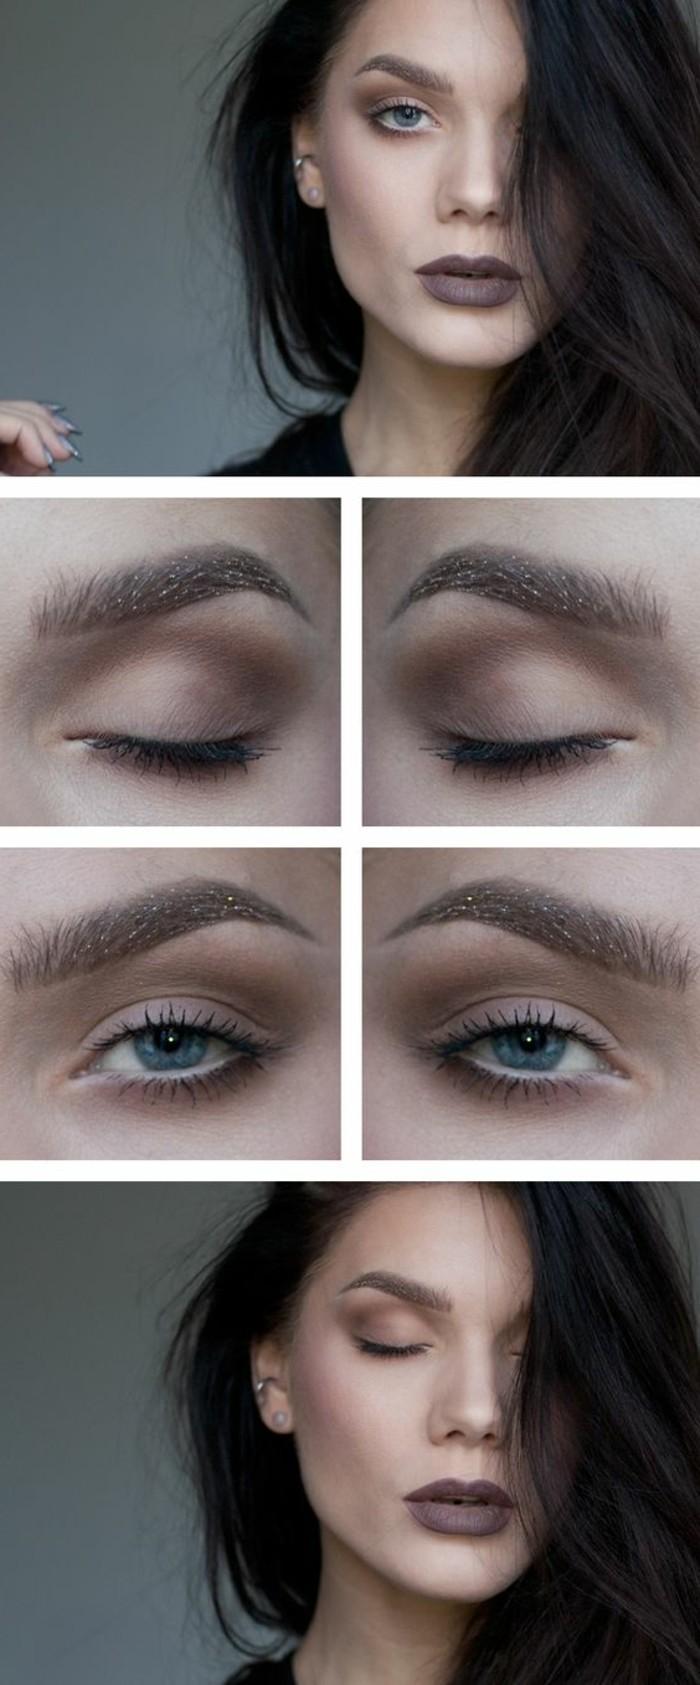 0-maquillage-pour-agrandir-les-yeux-maquillage-yeux-de-biche-femme